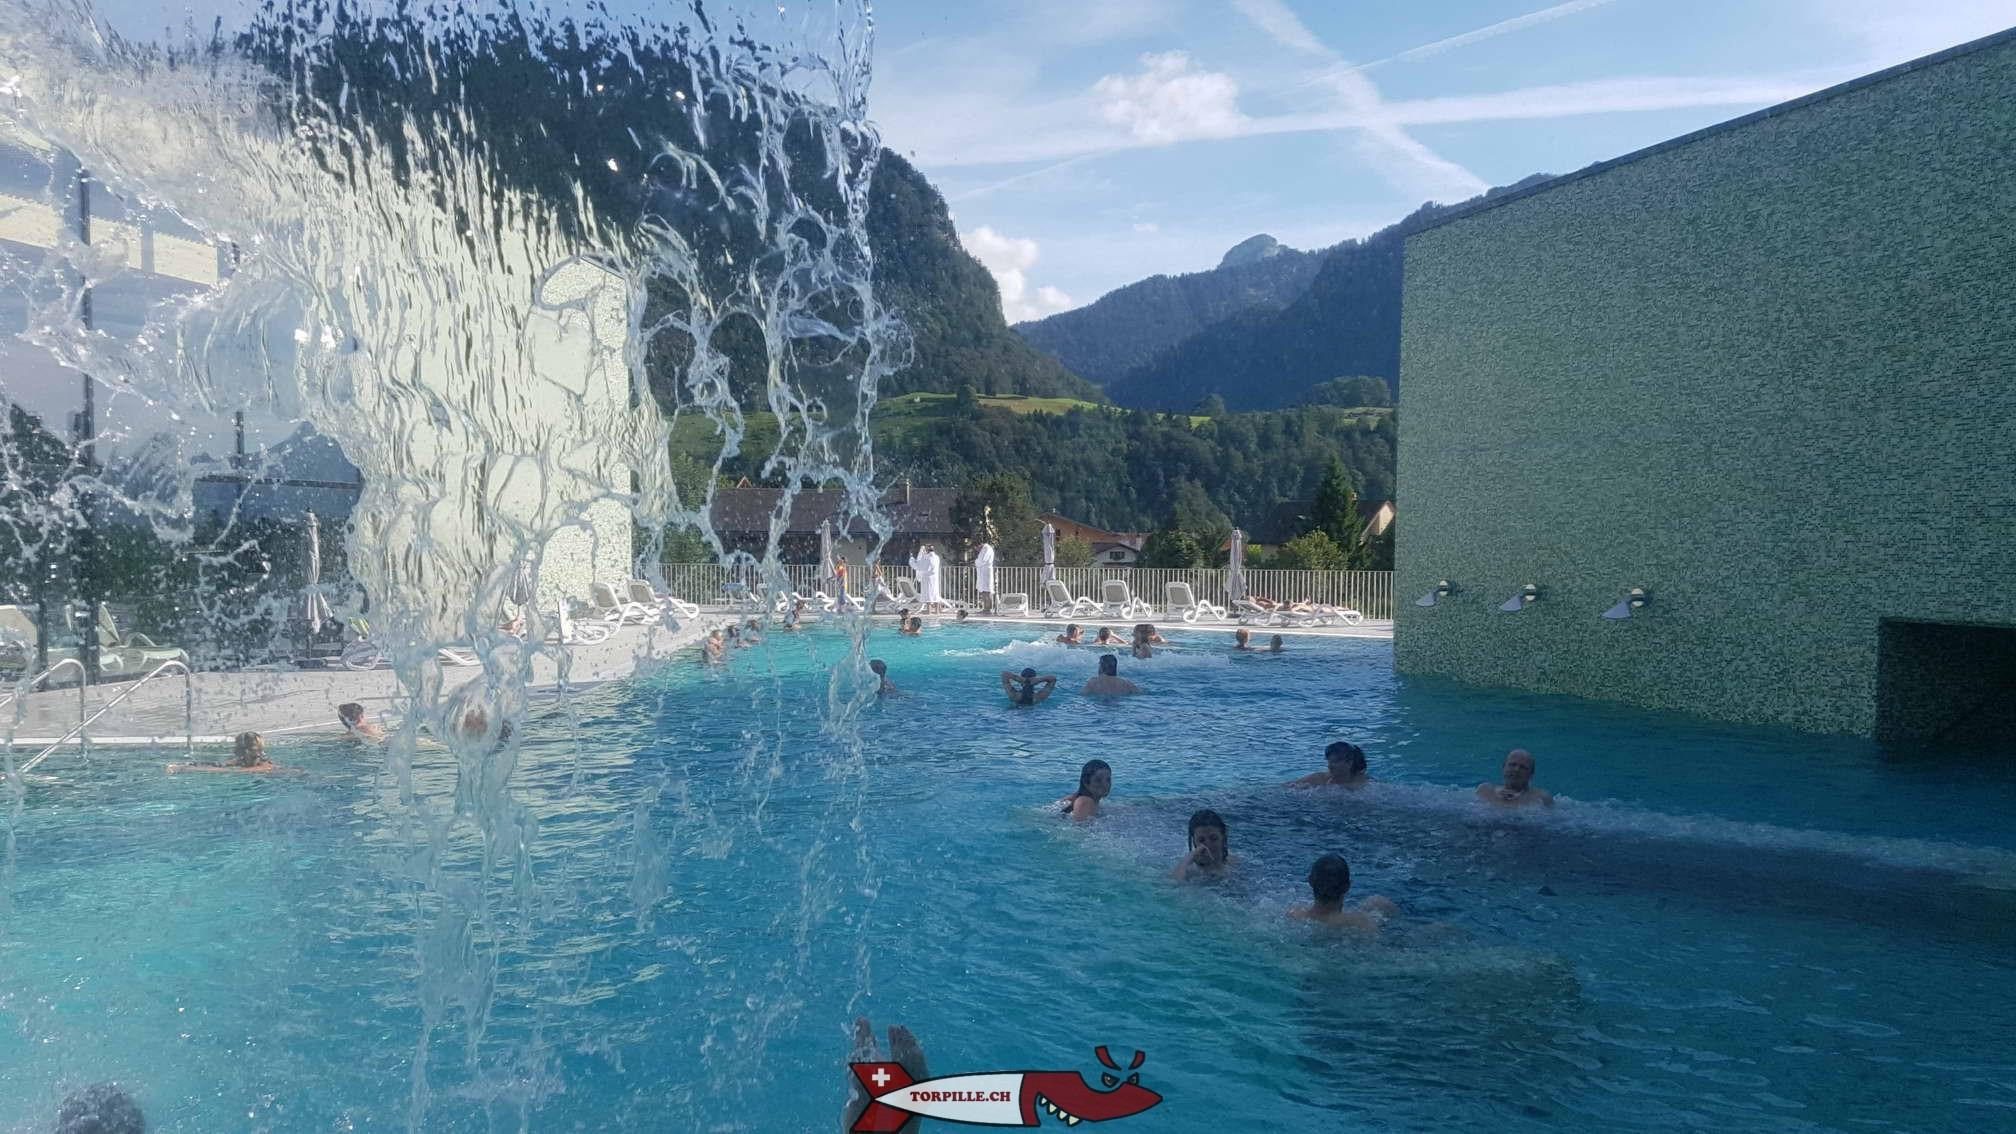 Meuble Salle De Bain Cmr ~  bains thermaux en suisse romande la torpille